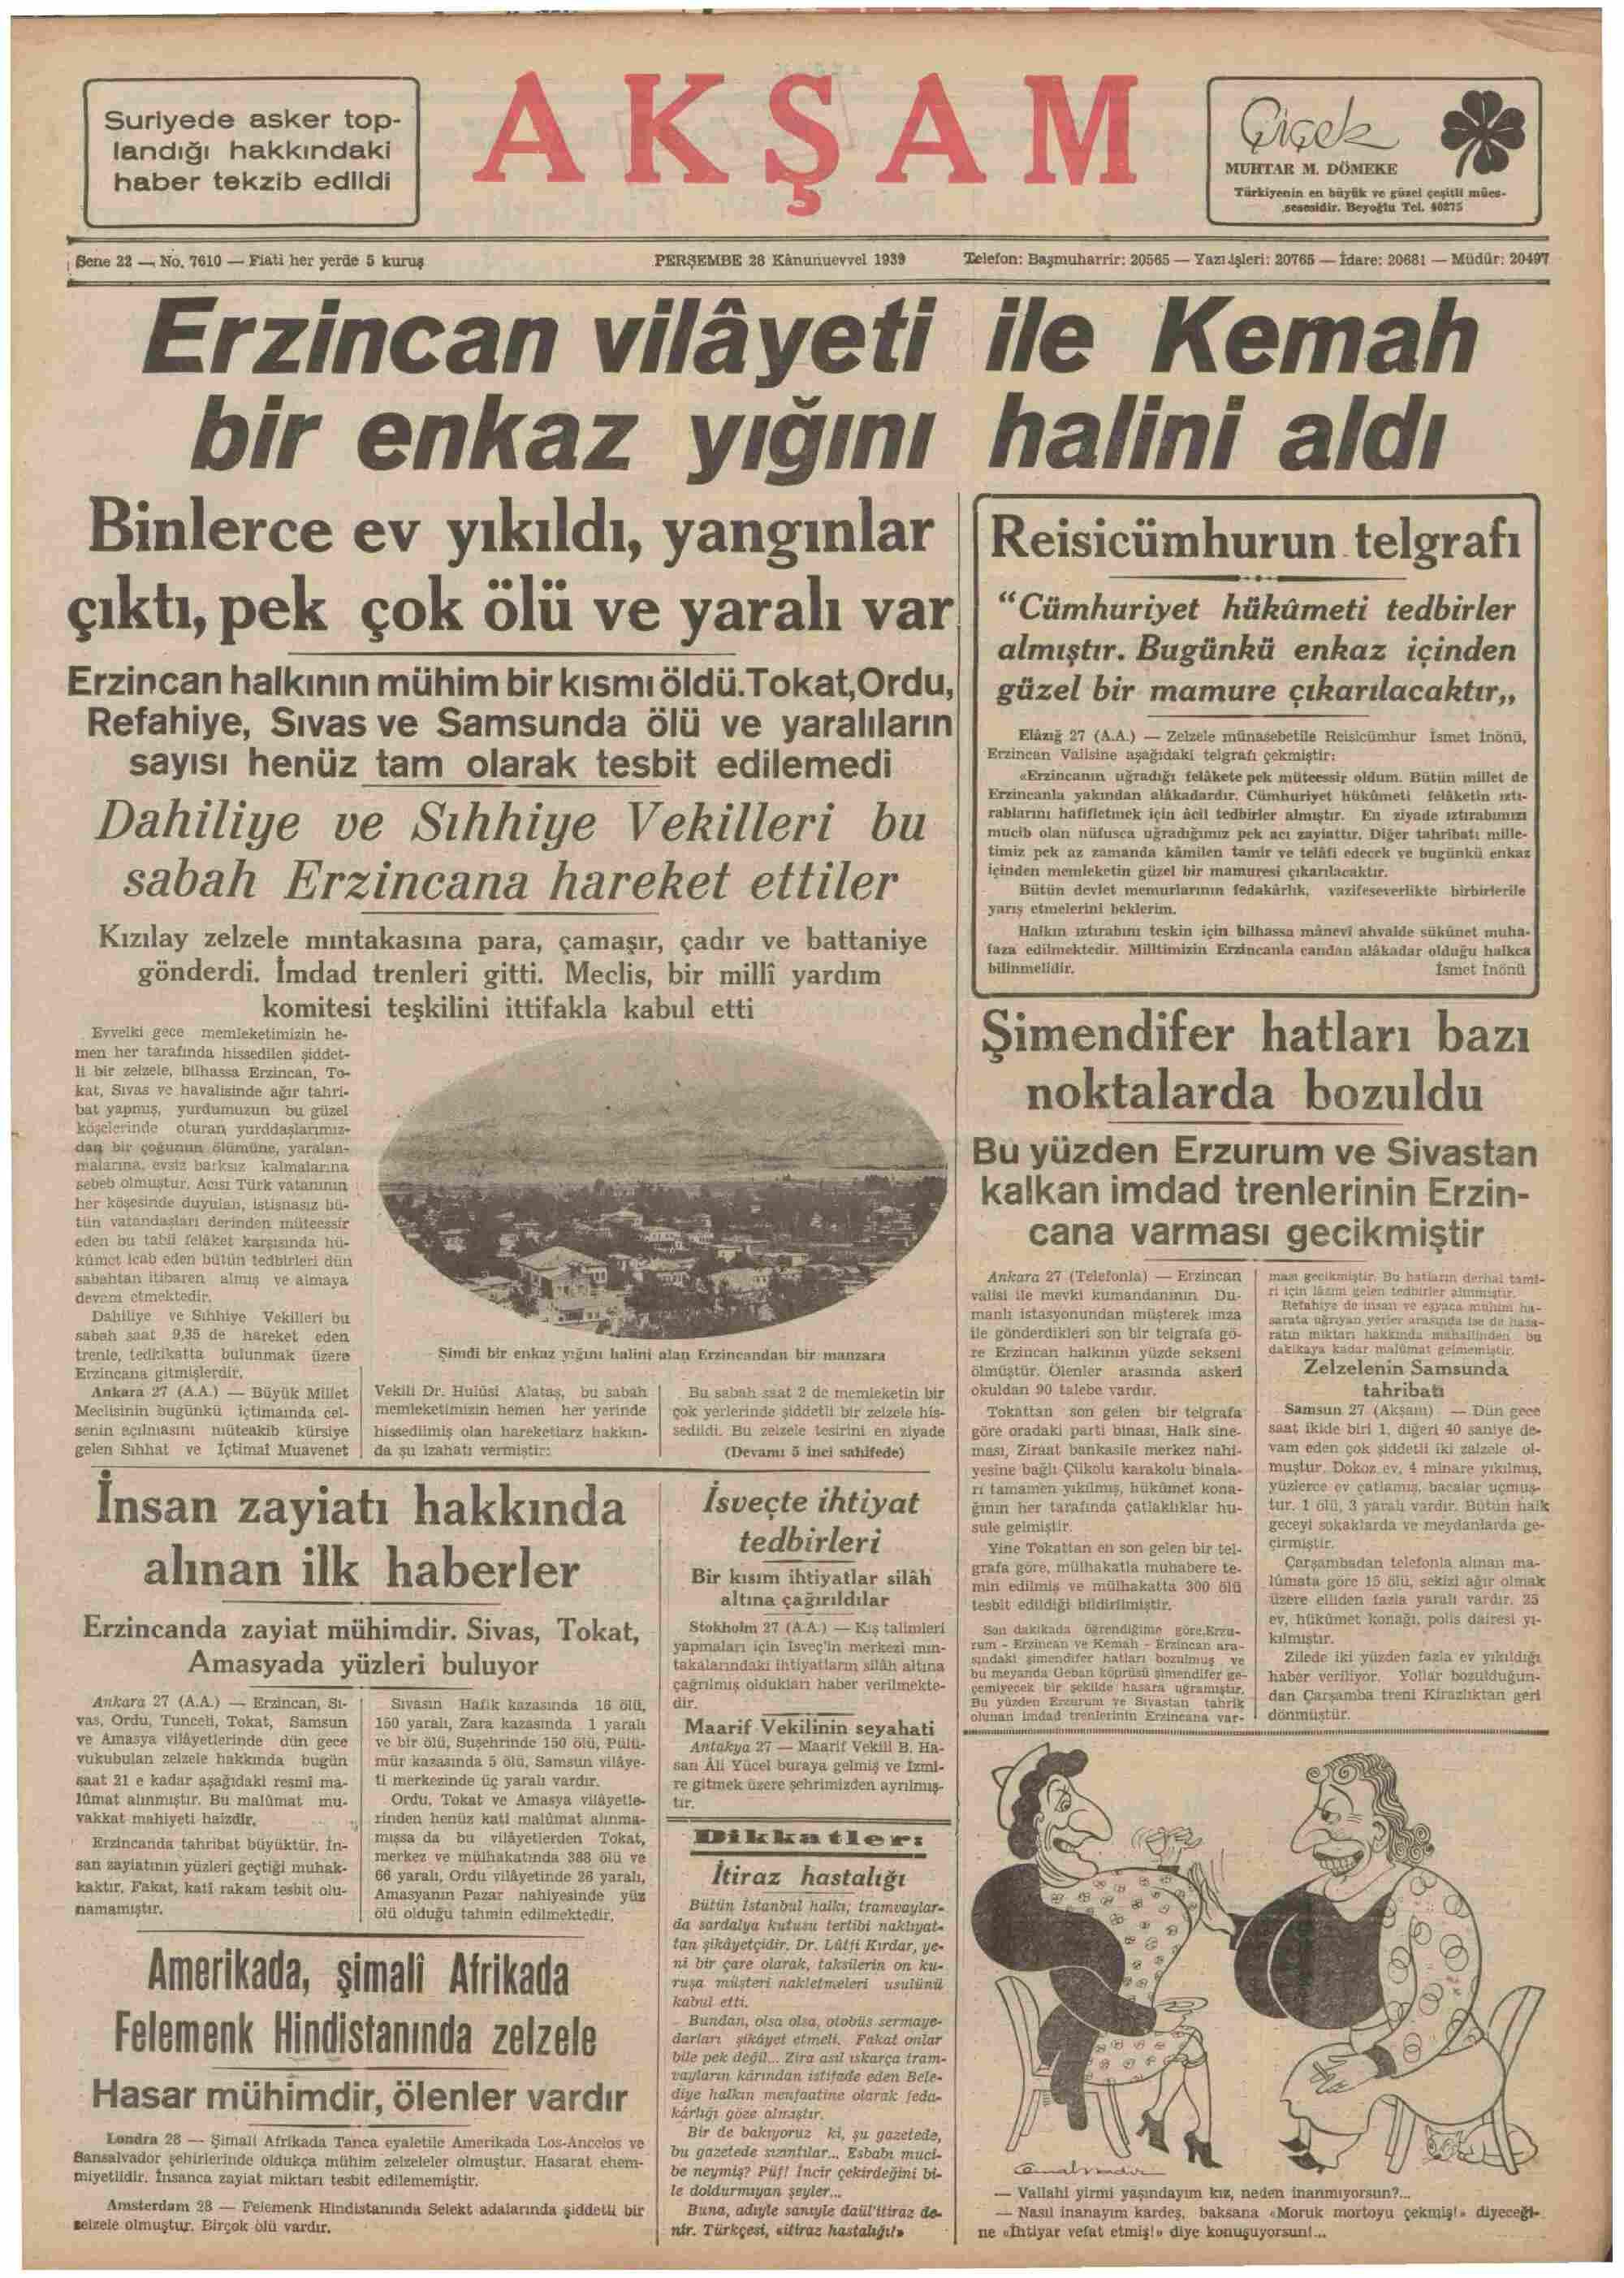 28 Aralık 1939 Tarihli Akşam Gazetesi Sayfa 1